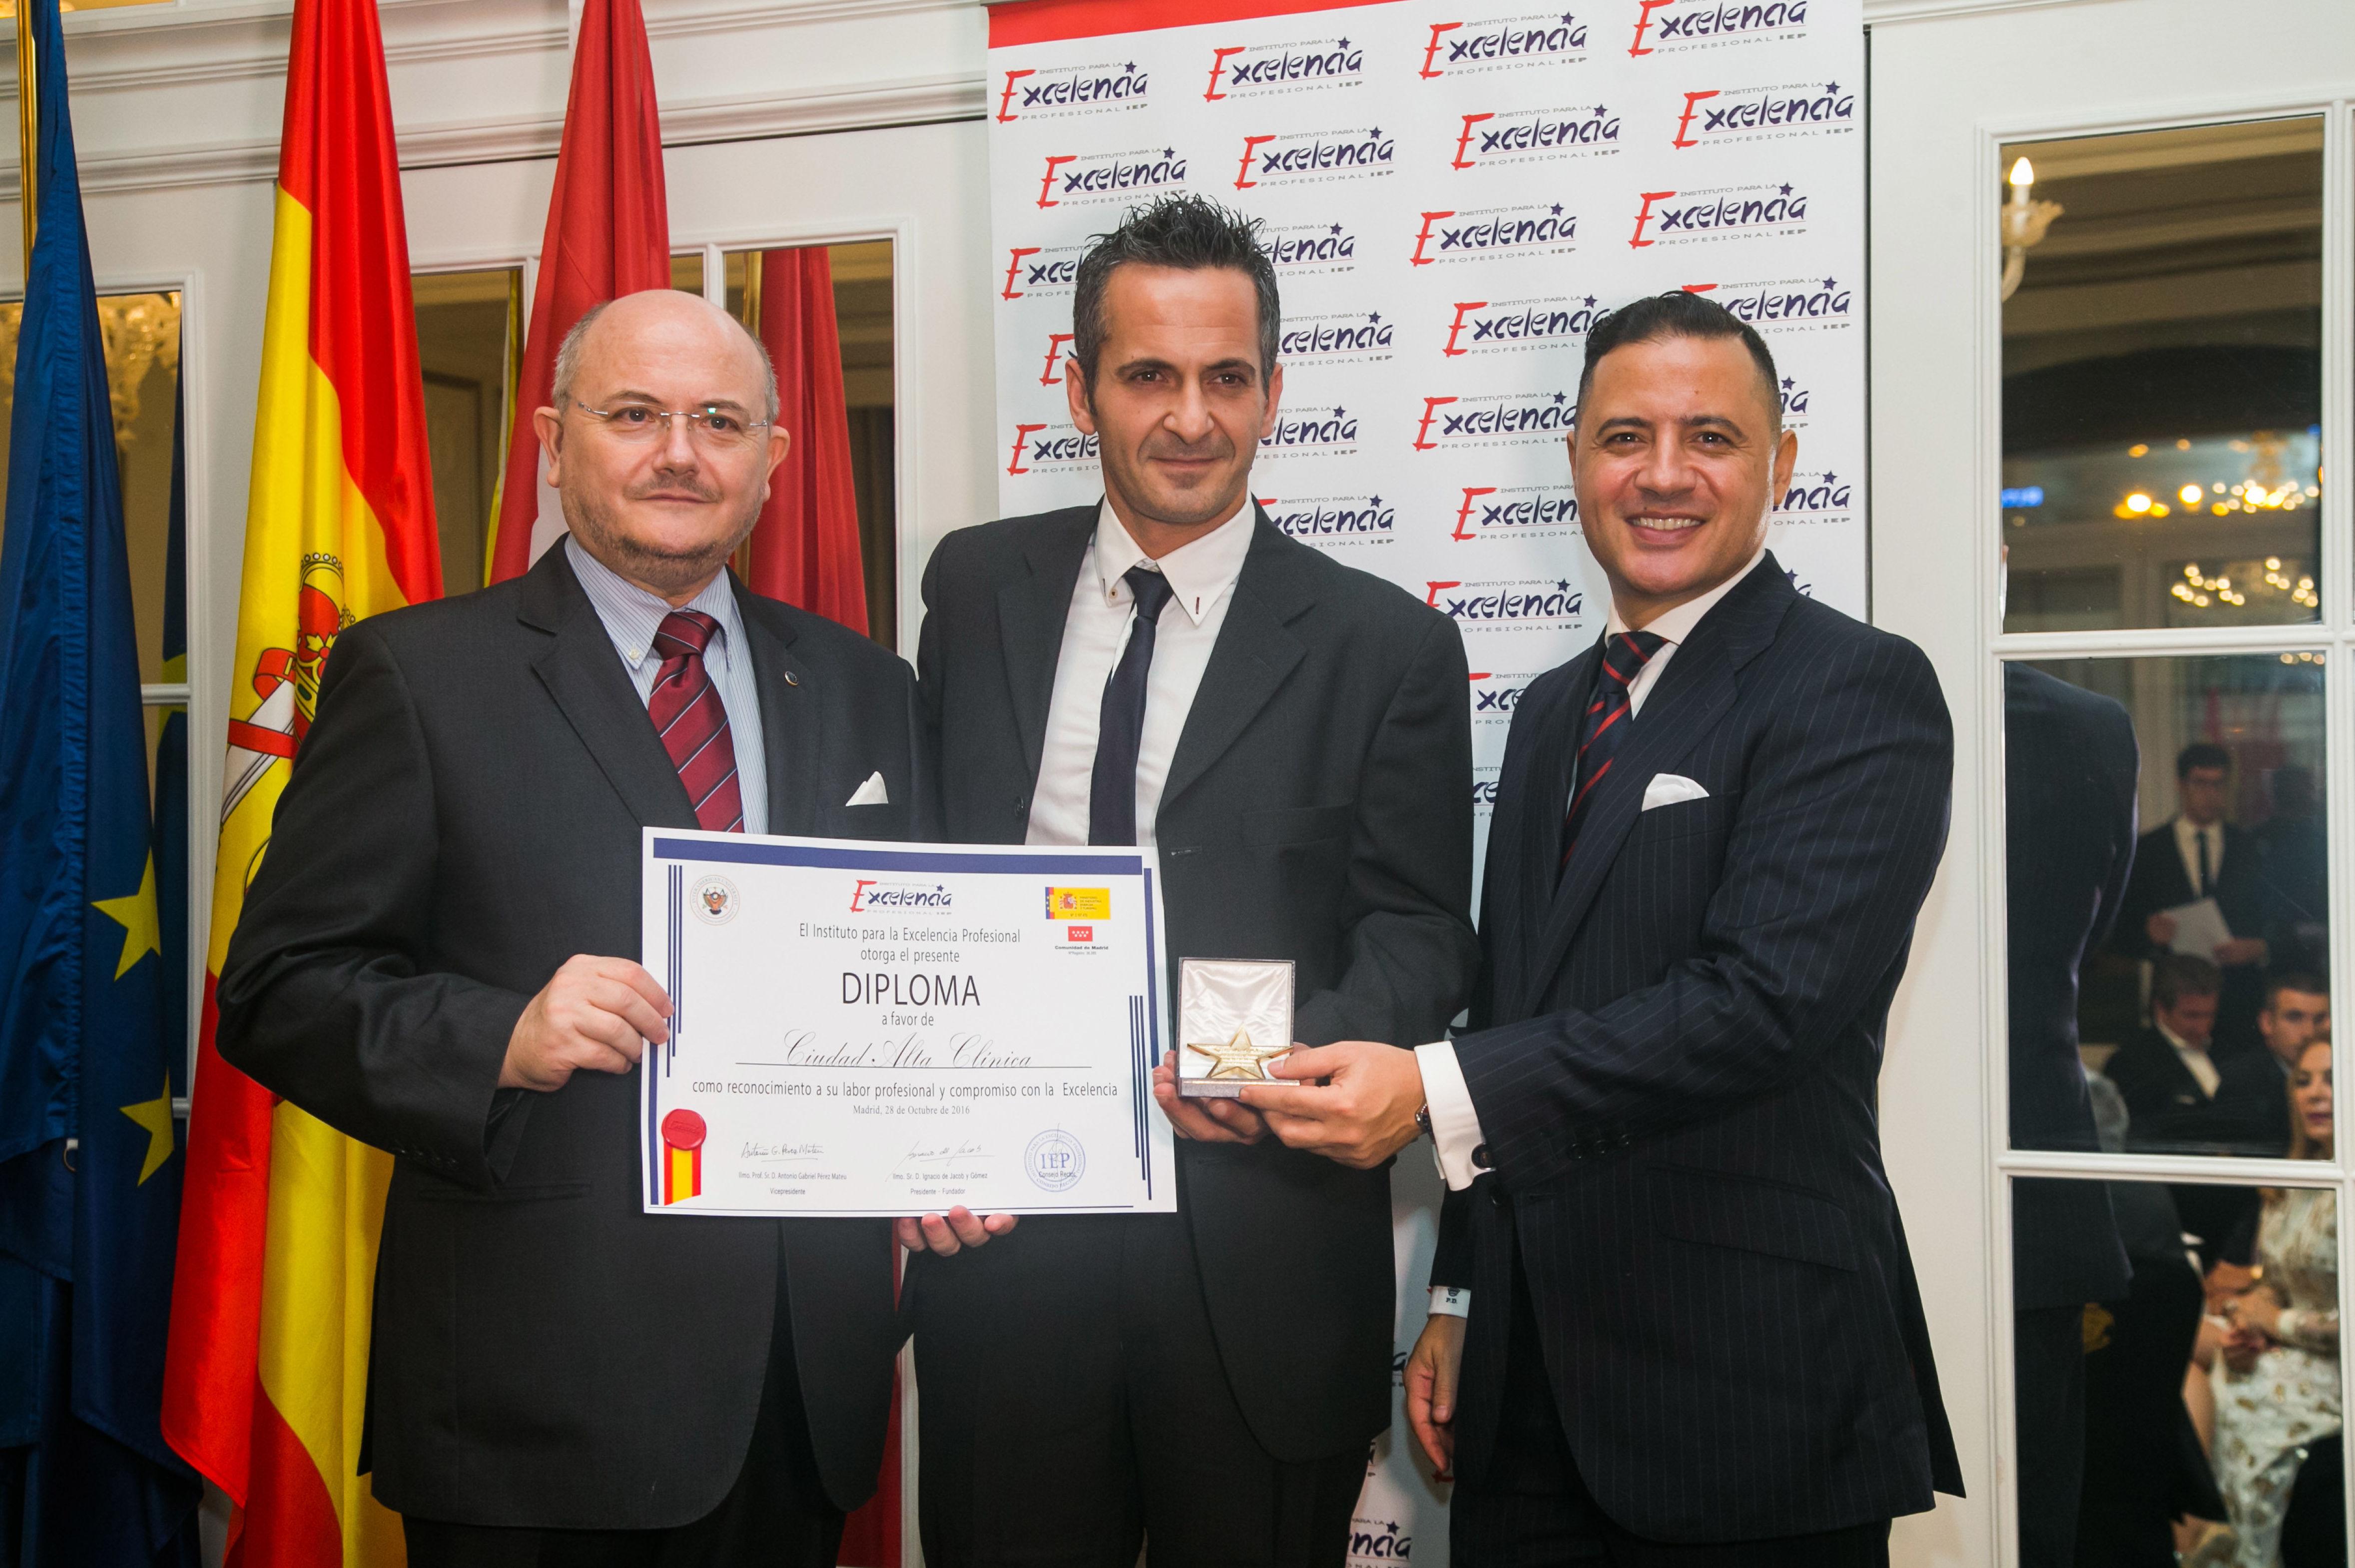 Fisioterapia y Fisioterapeutas Especialistas en Las Palmas